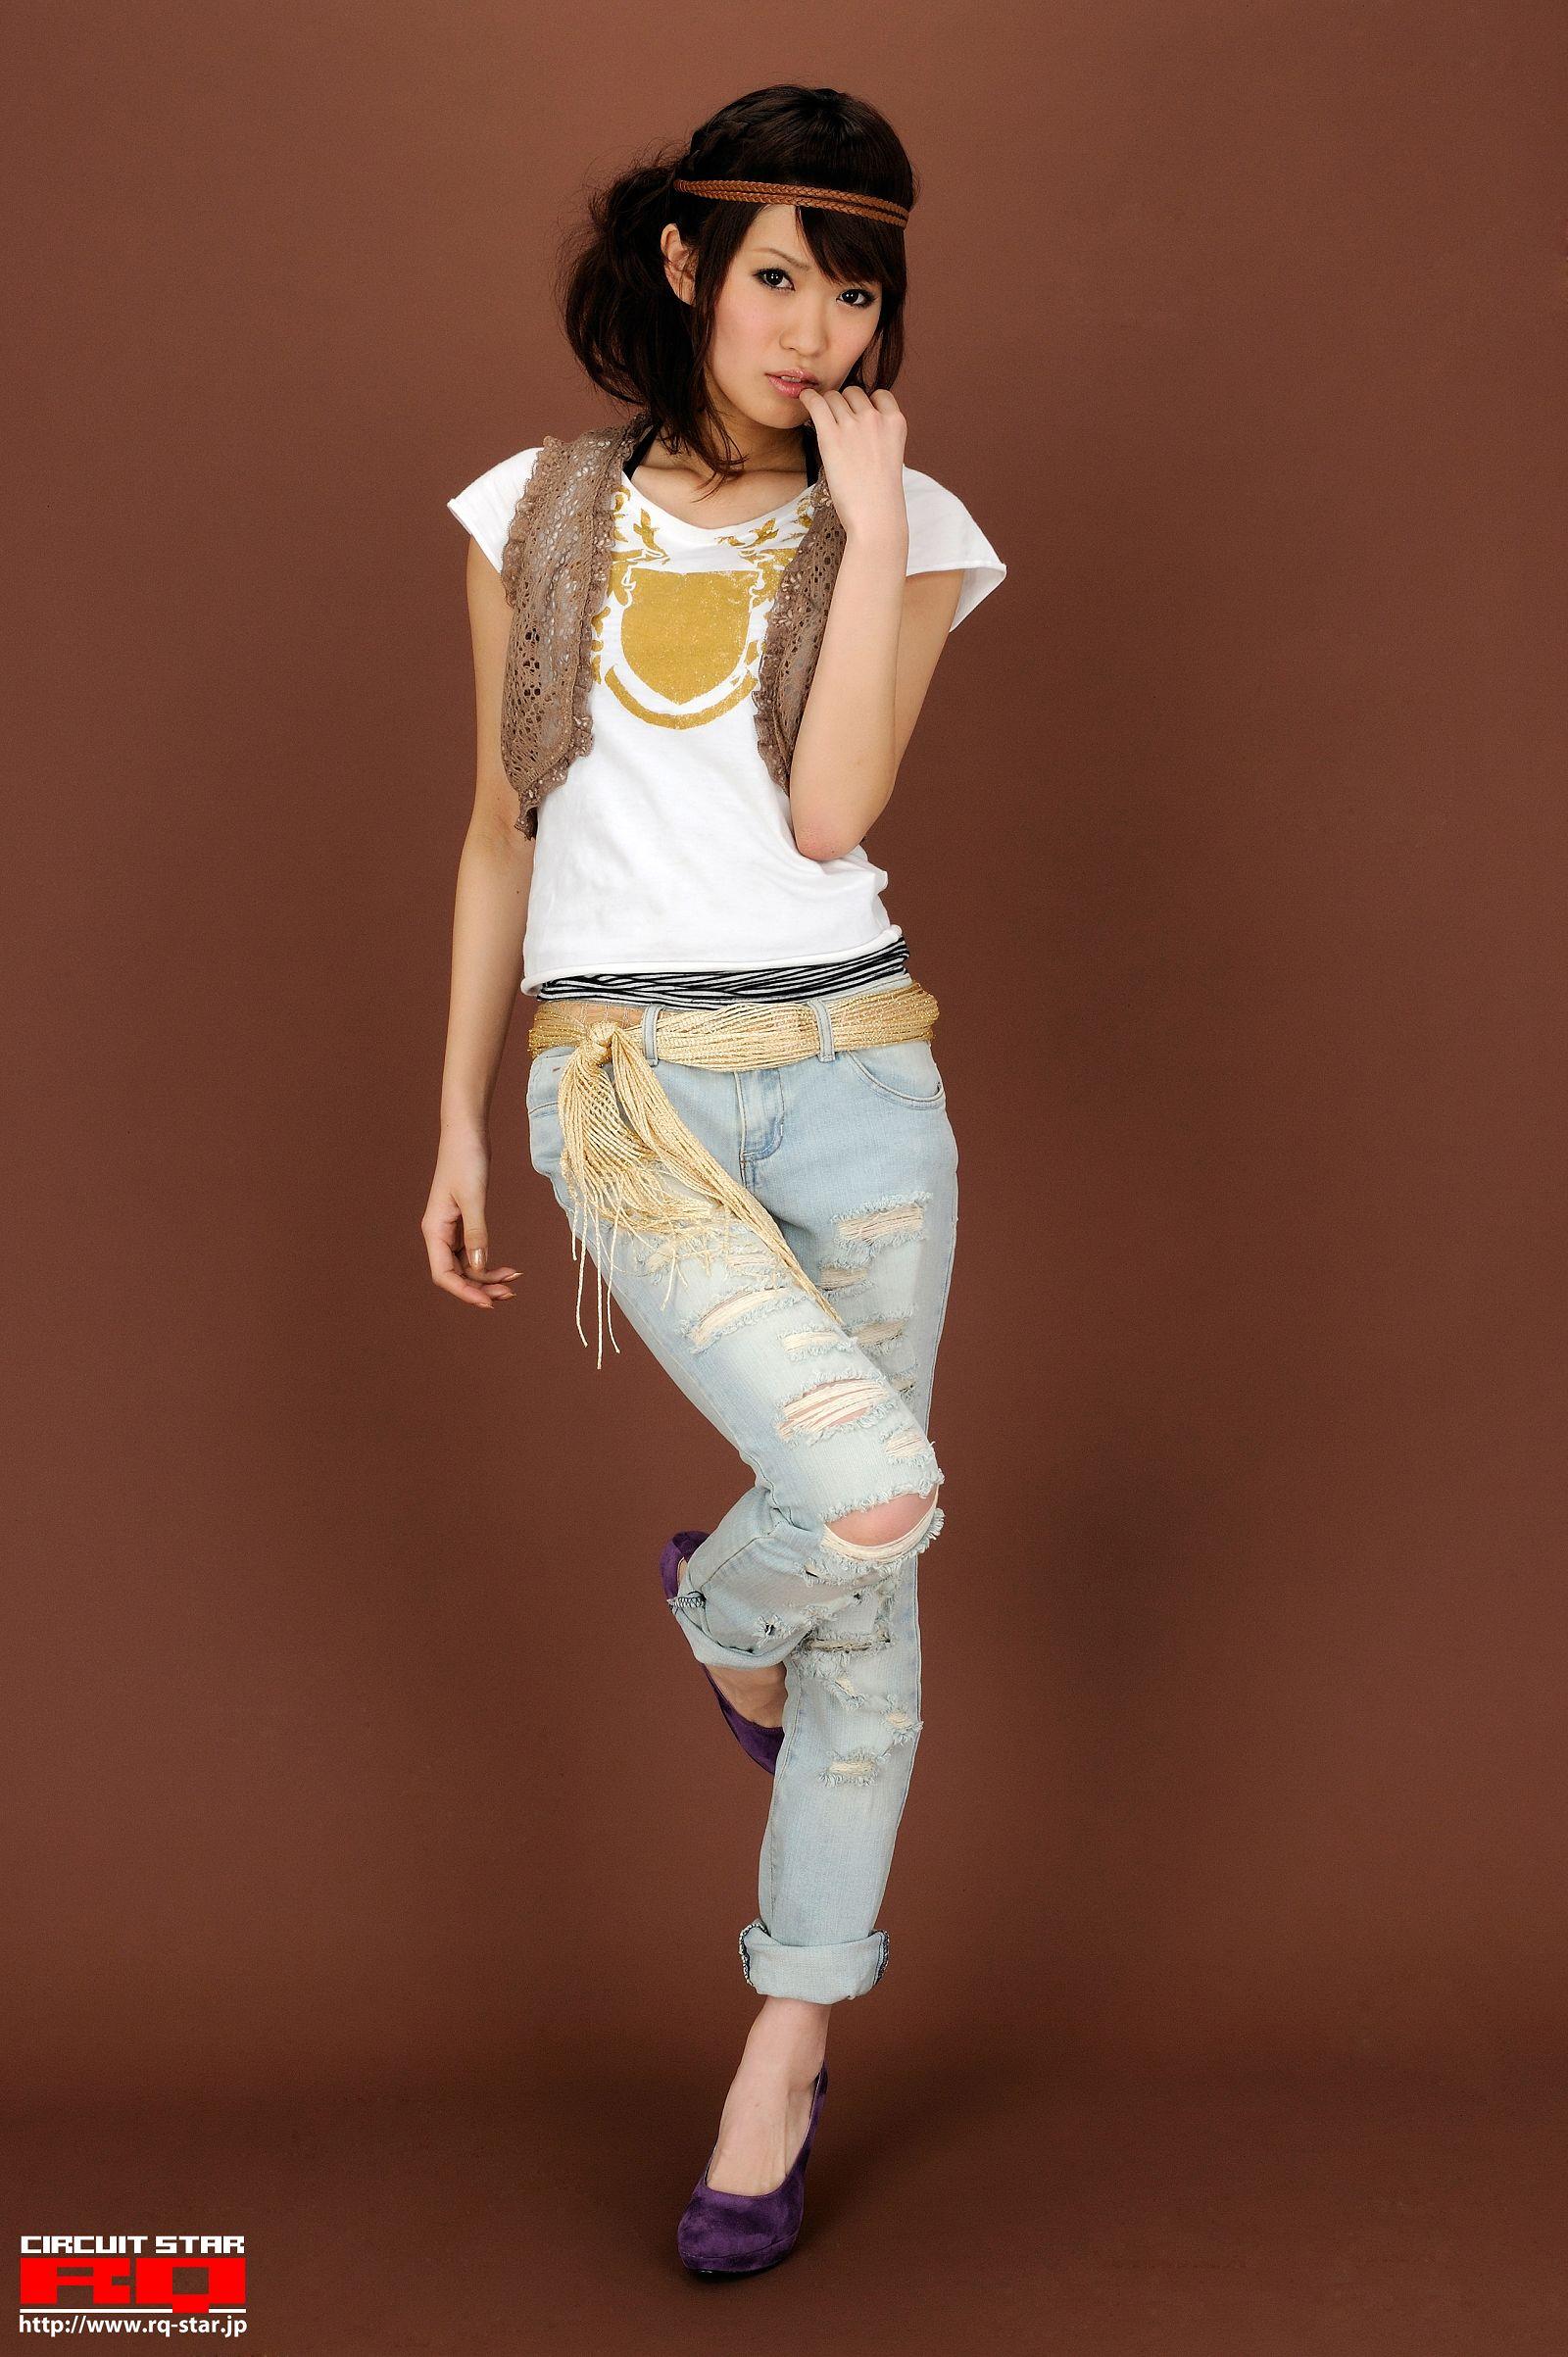 [RQ STAR美女] NO.0268 Megumi Fukuoka 福岡愛 Private Dress[54P] RQ STAR 第1张